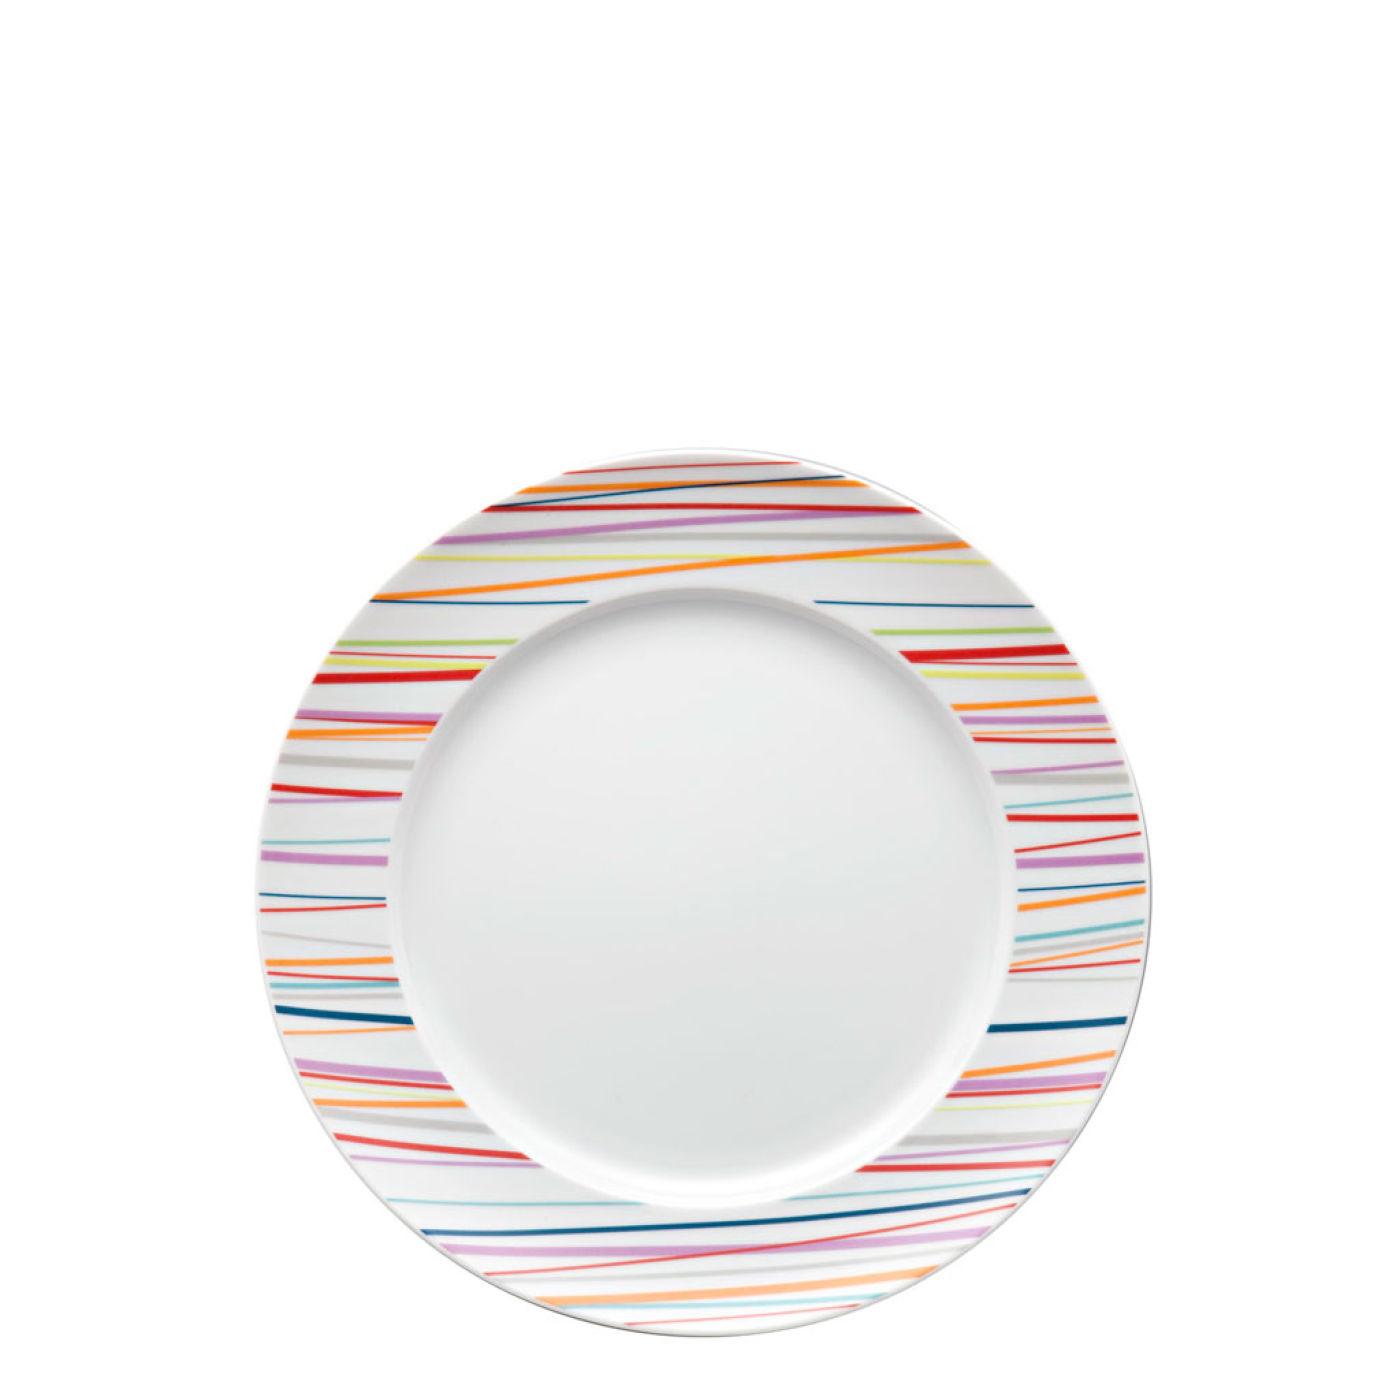 Набор столовый на 2 персоны Rosenthal SUNNY DAY, белый с цветными полосками, 10 предметов Rosenthal 10850-408715-28010 фото 2